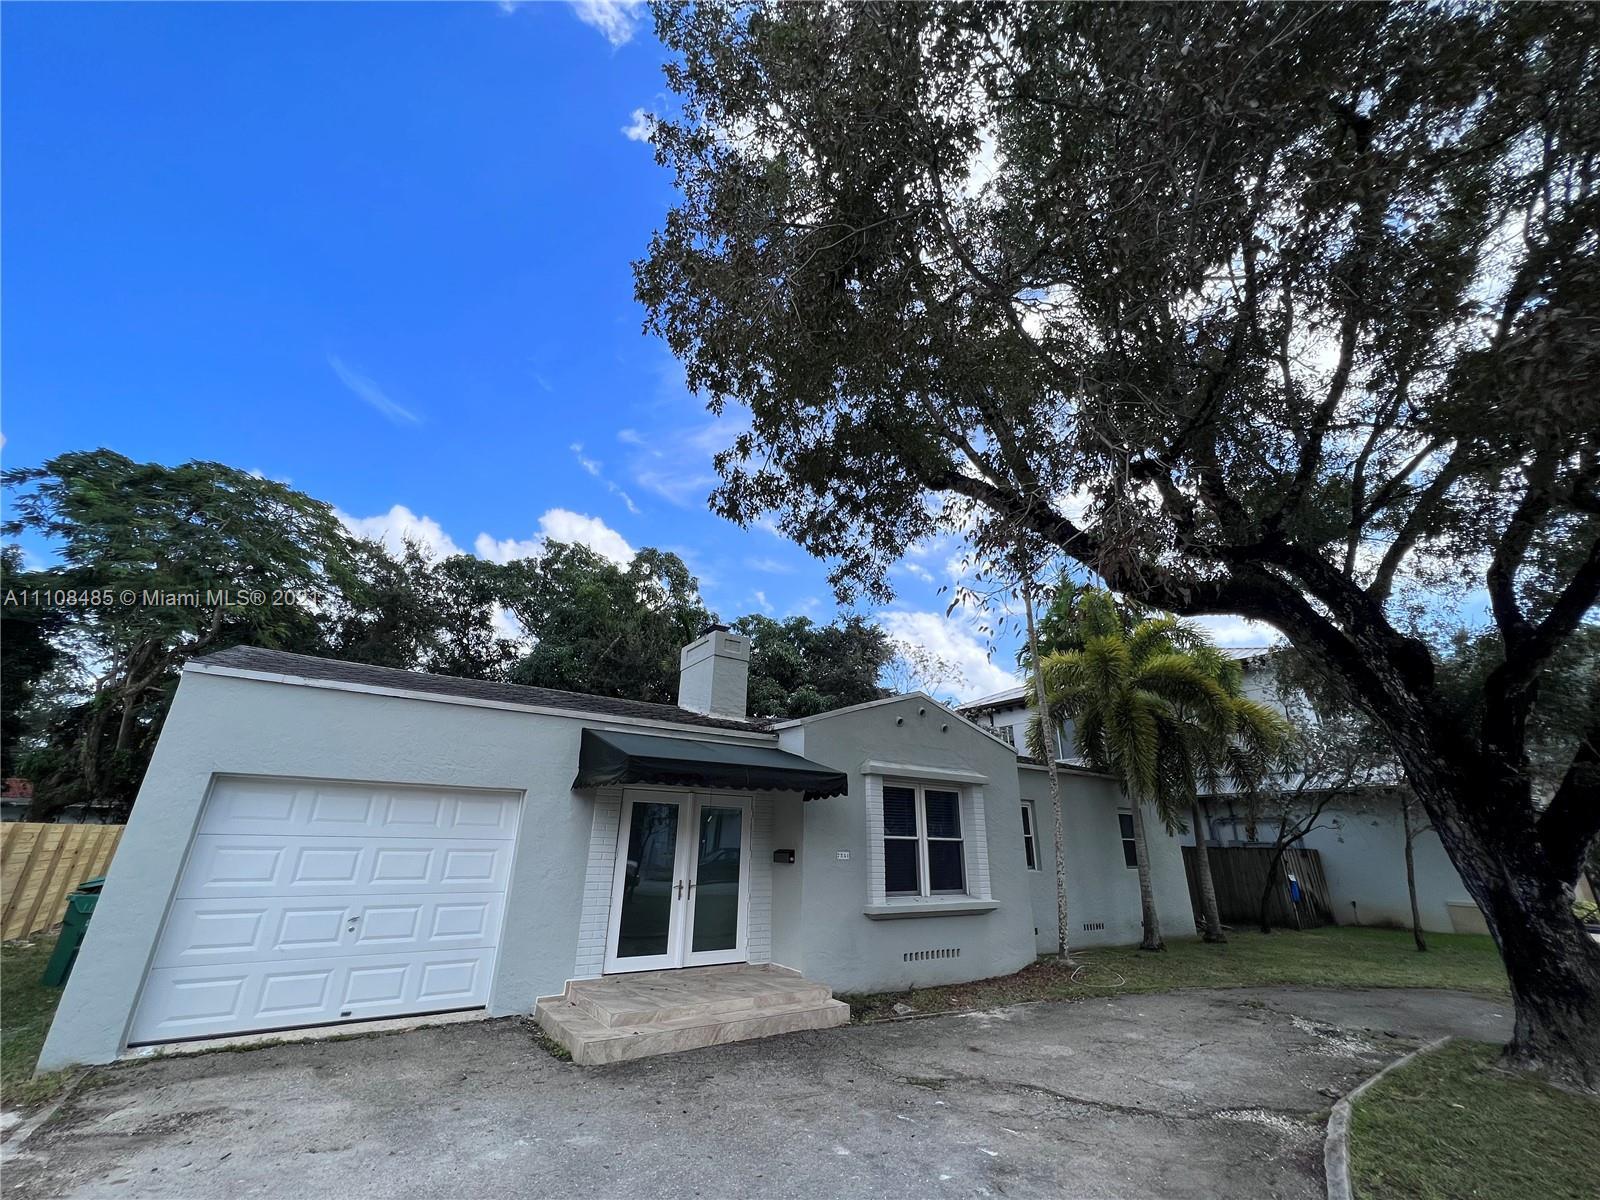 South Miami #7251 - 7251 SW 52nd Ct #7251, Miami, FL 33143